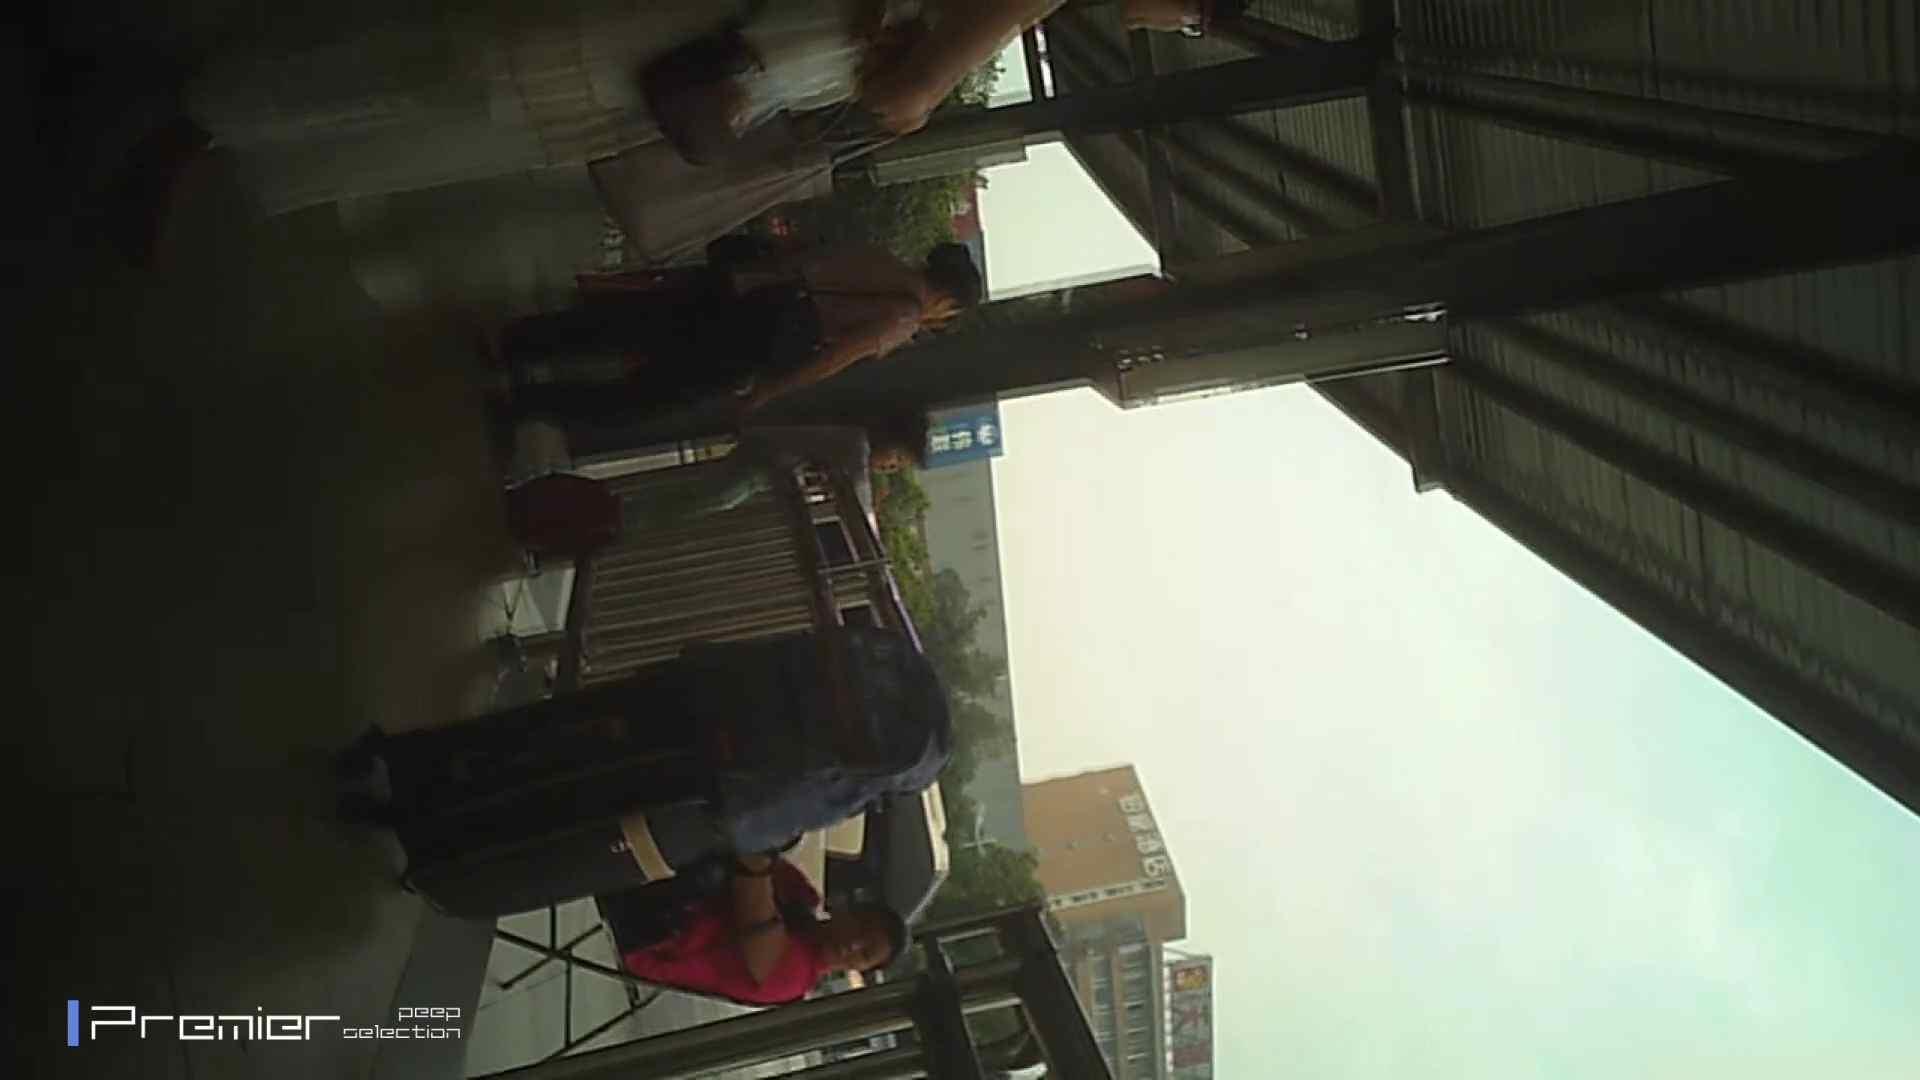 美女の痴態に密着!ギャルのパンチラVol.07 白のフリフリスカートの中 細身女性 おまんこ無修正動画無料 101画像 39